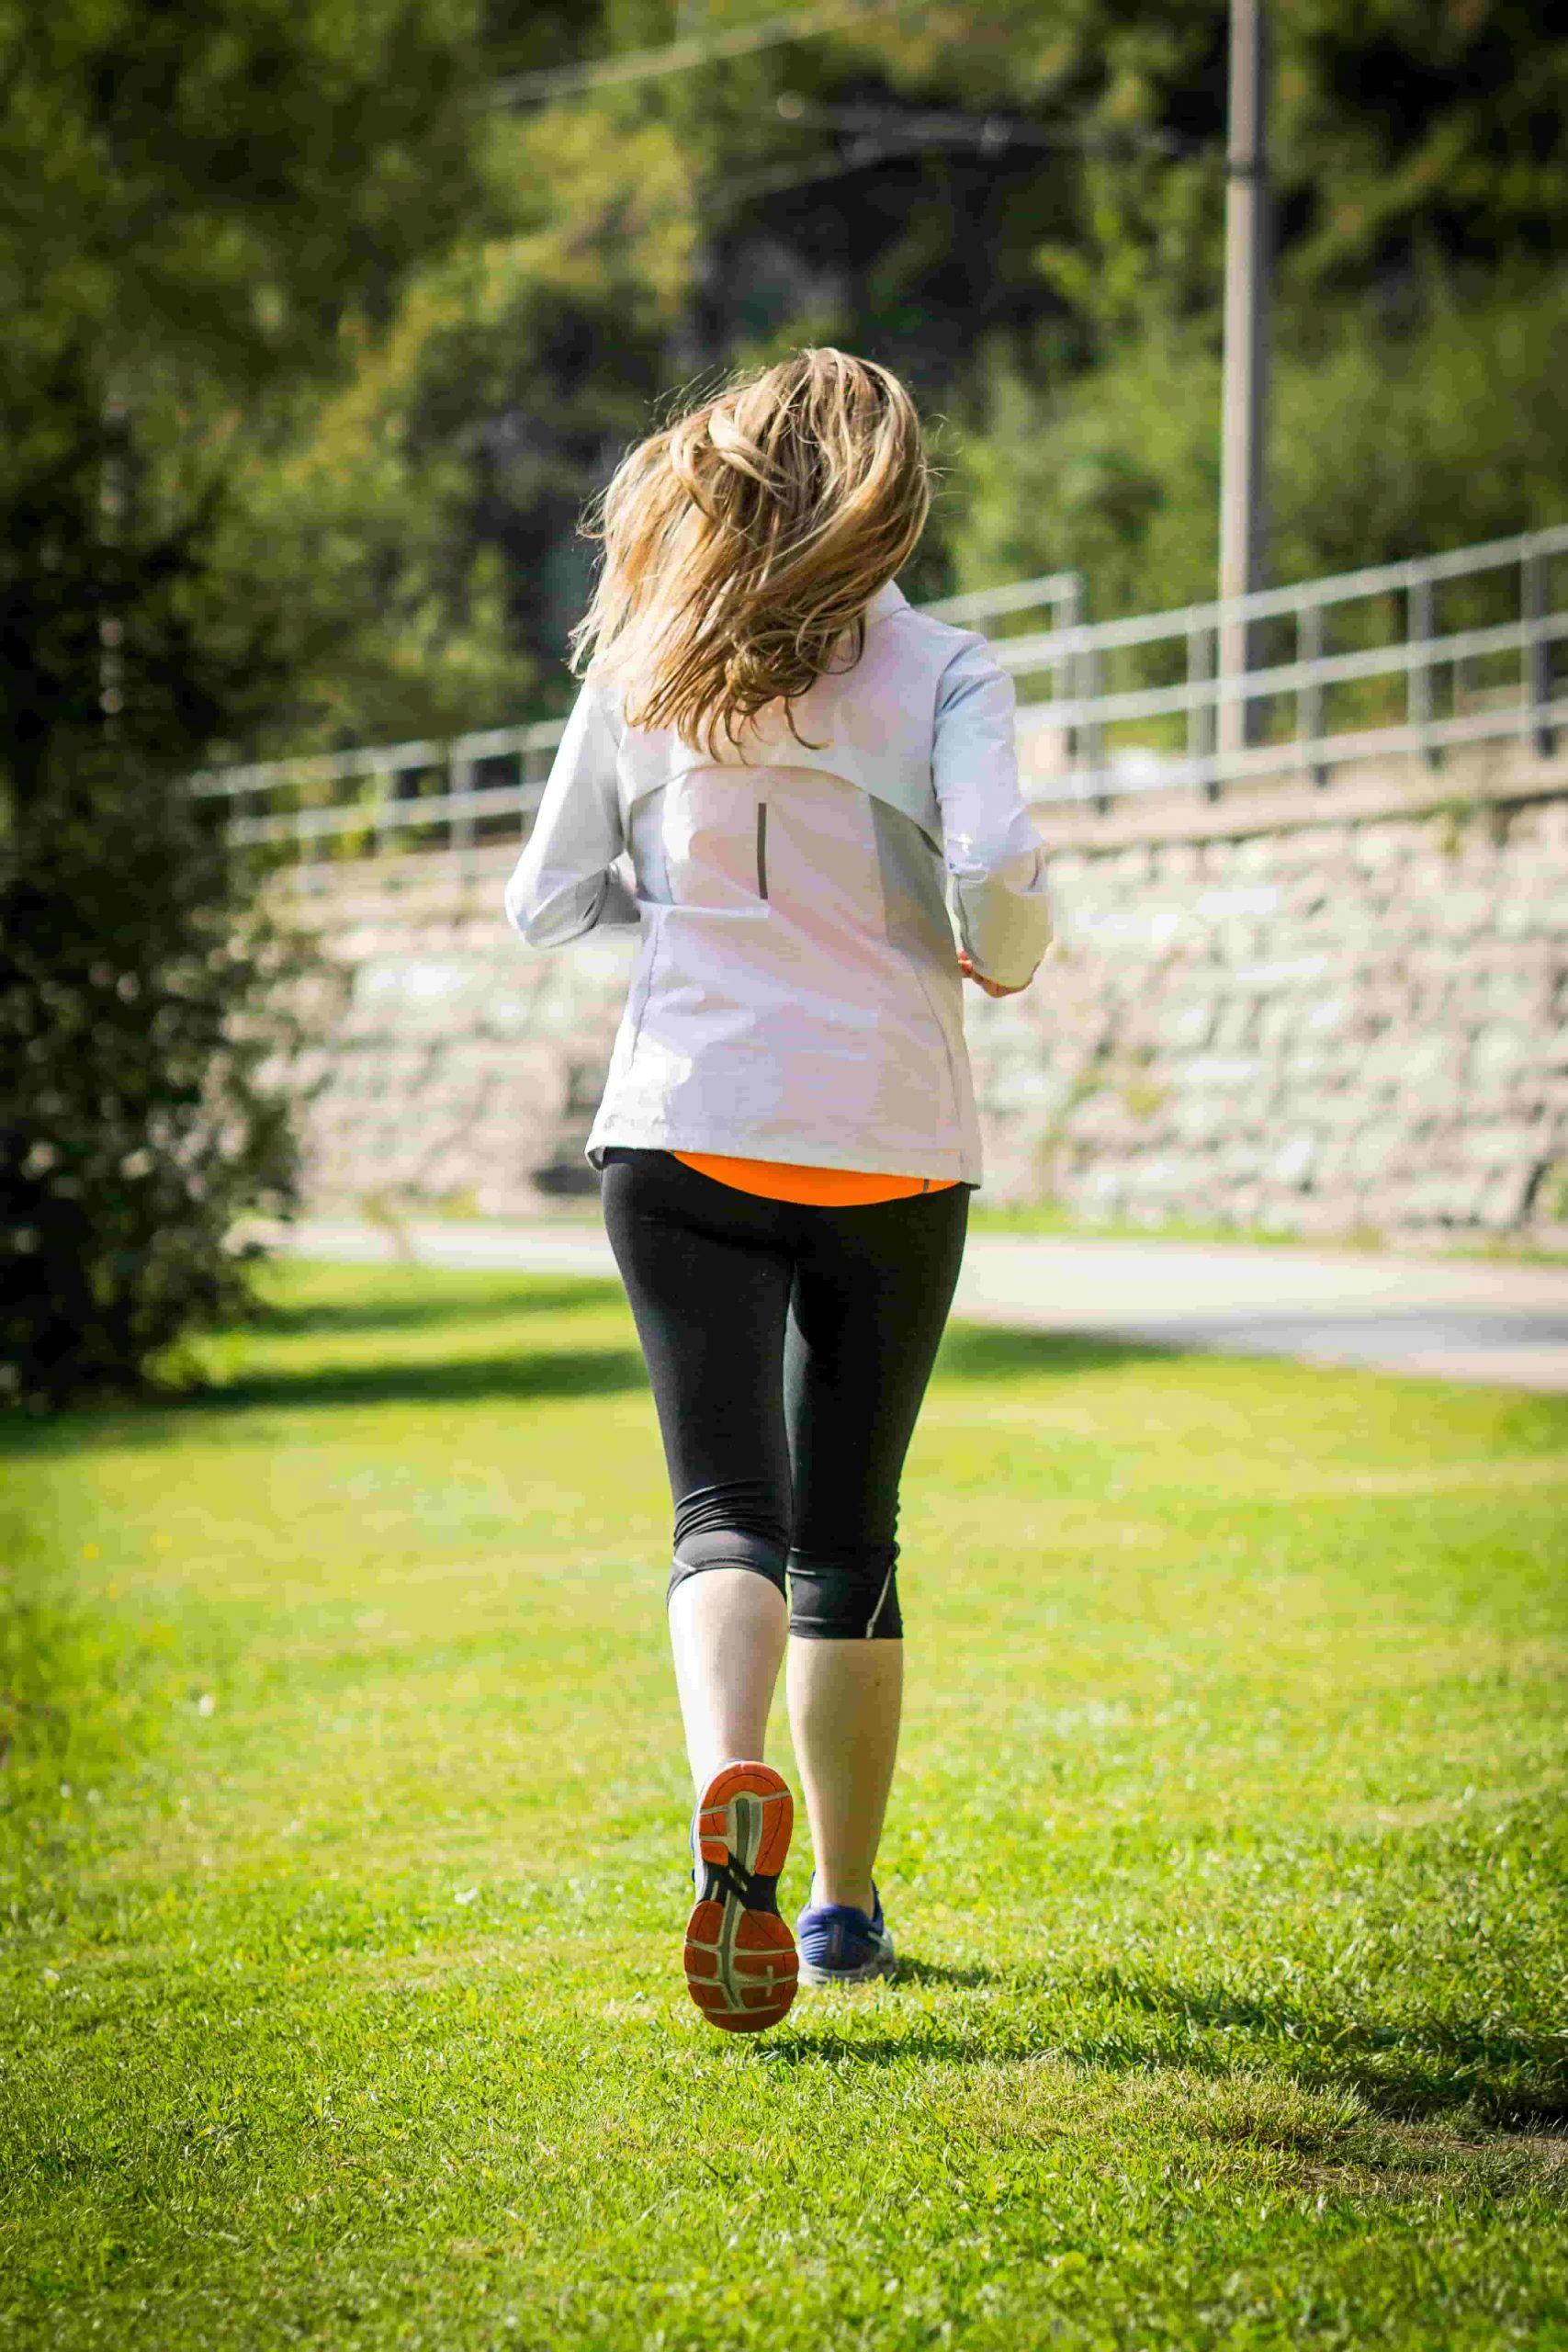 Come correre: 15 regole per migliorare